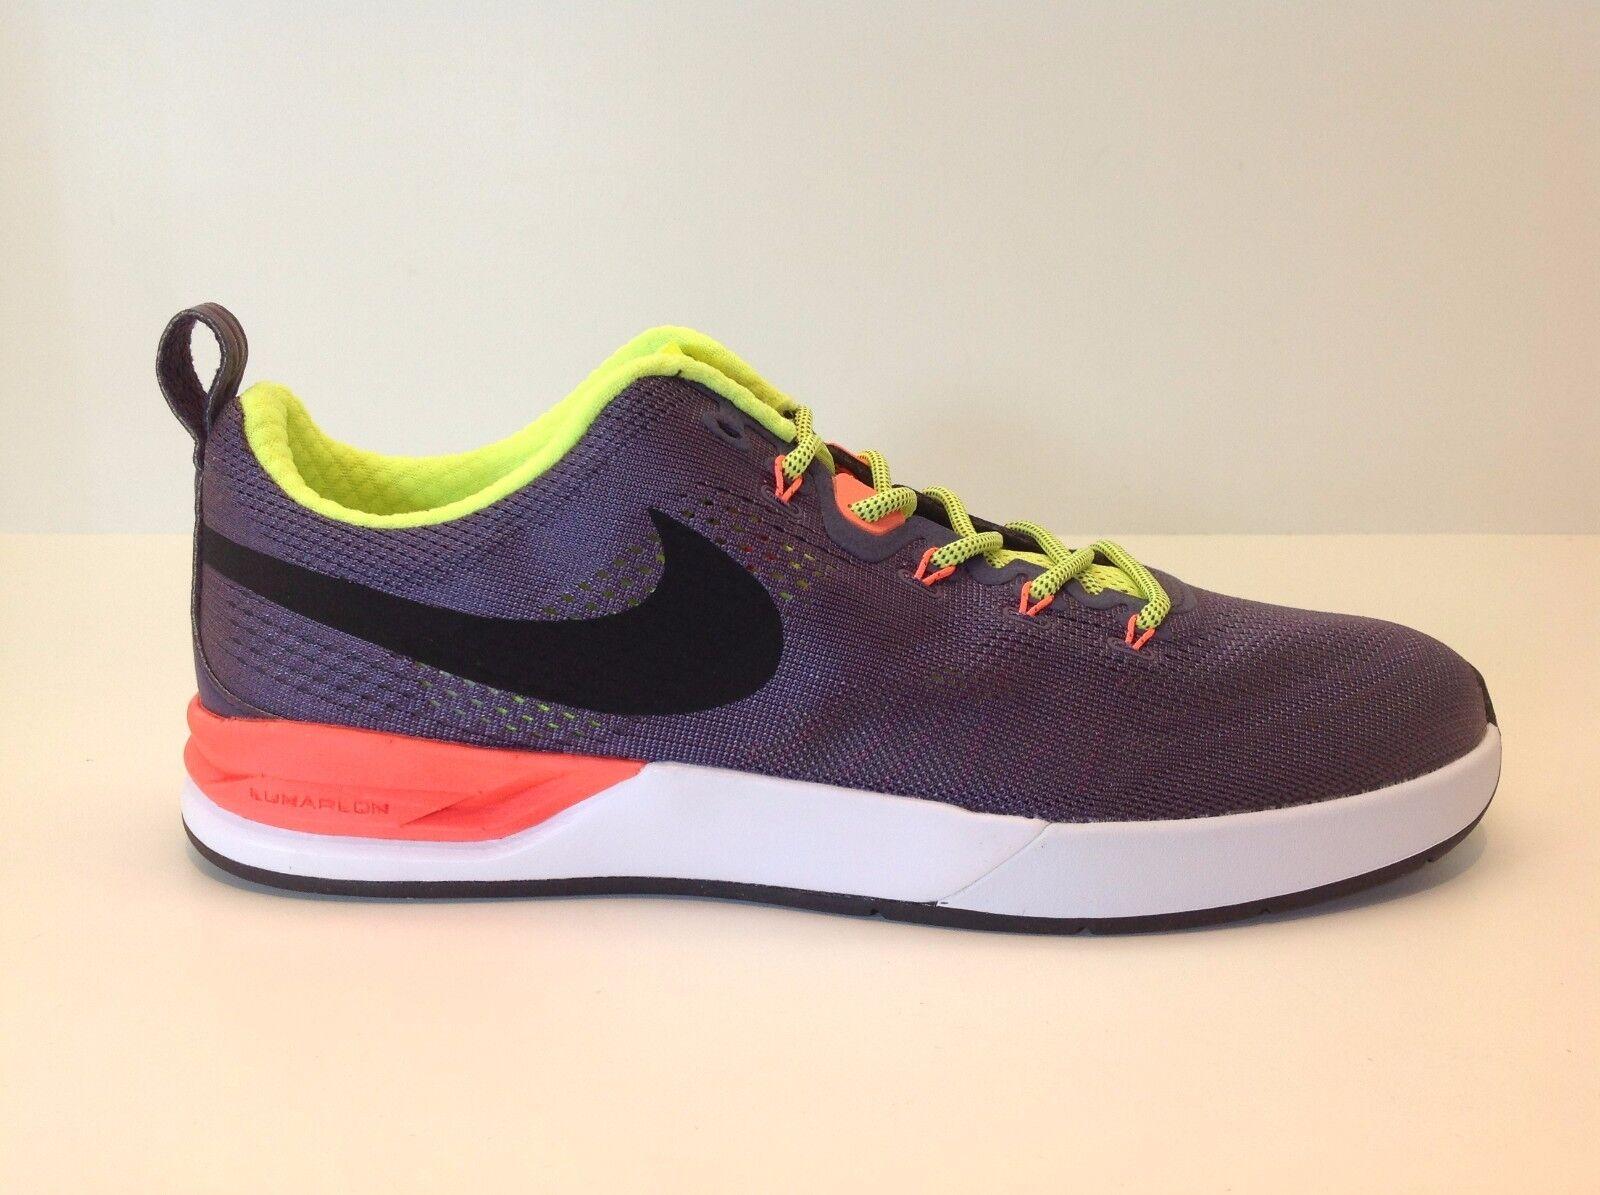 Nike sb progetto ba r / r buio uvetta uomo - di nuovo in scatola 654892 507